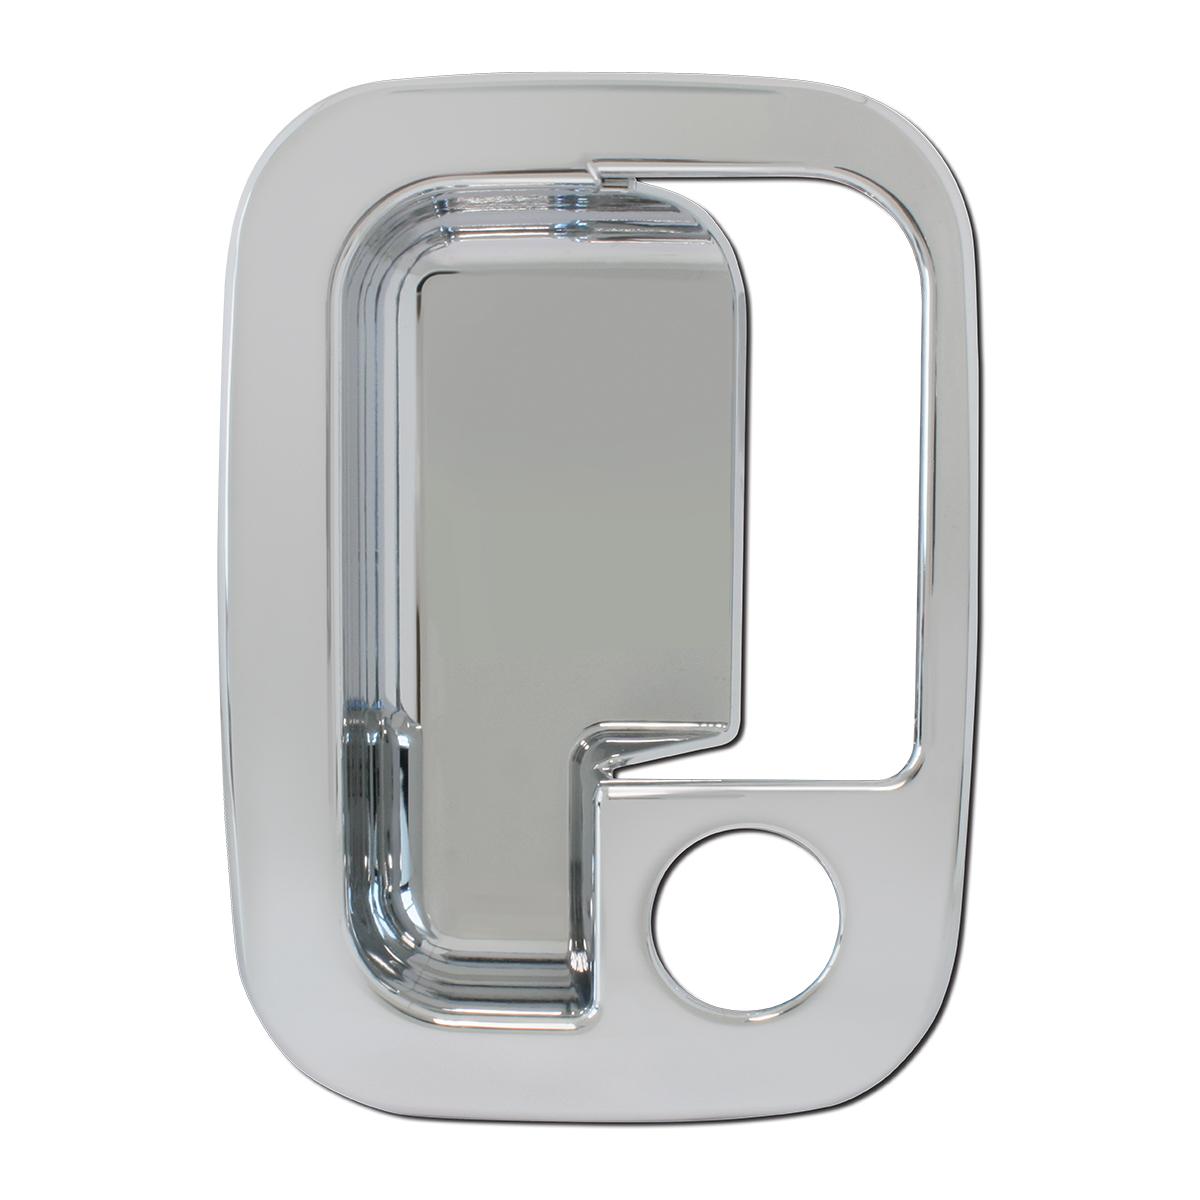 52003 Exterior Door Handle Cover Set for Peterbilt & Kenworth